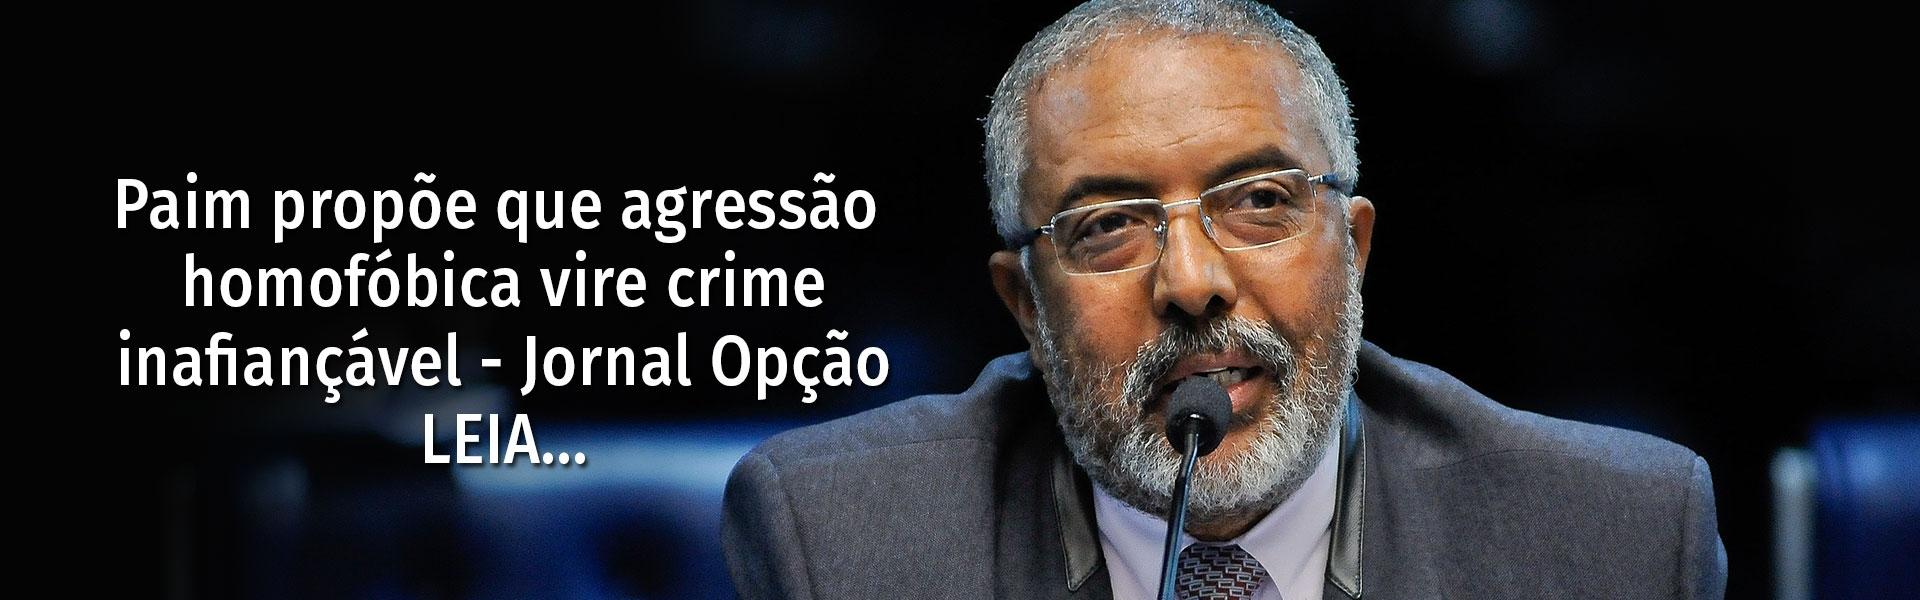 Paim propõe que agressão homofóbica vire crime inafiançável - Jornal Opção